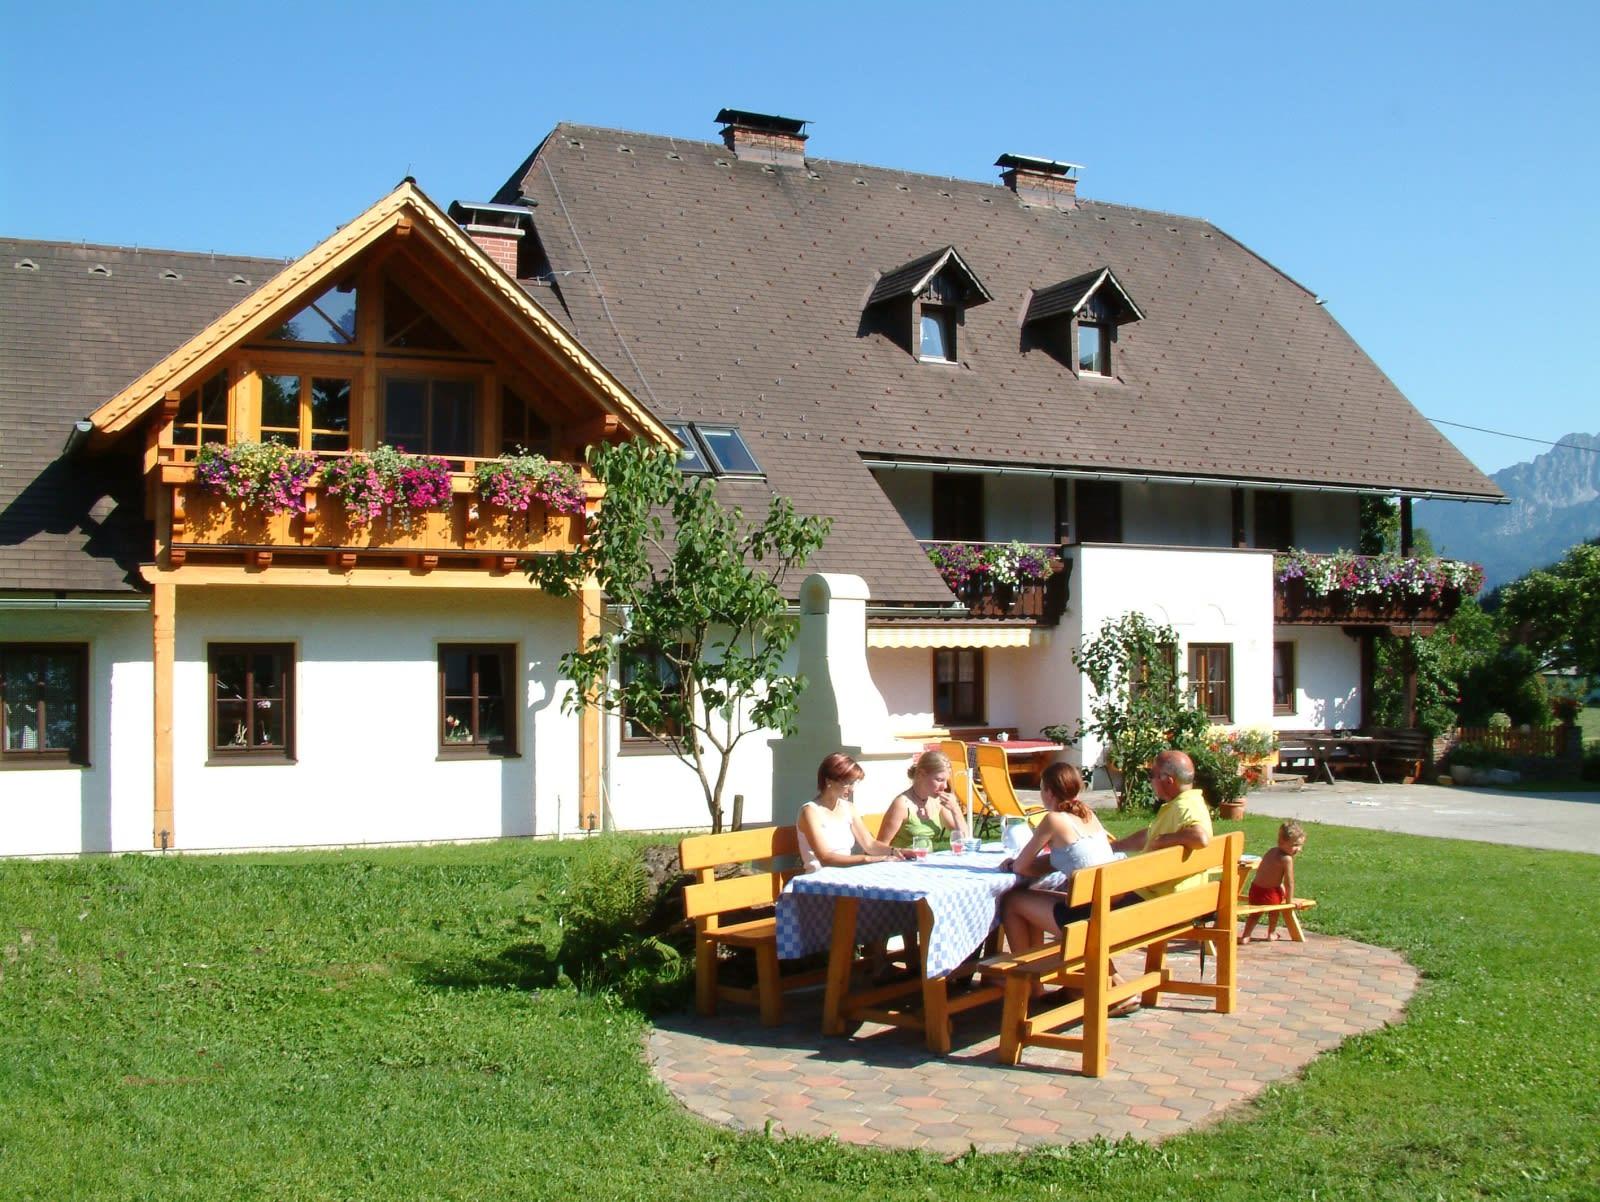 House and farmyard